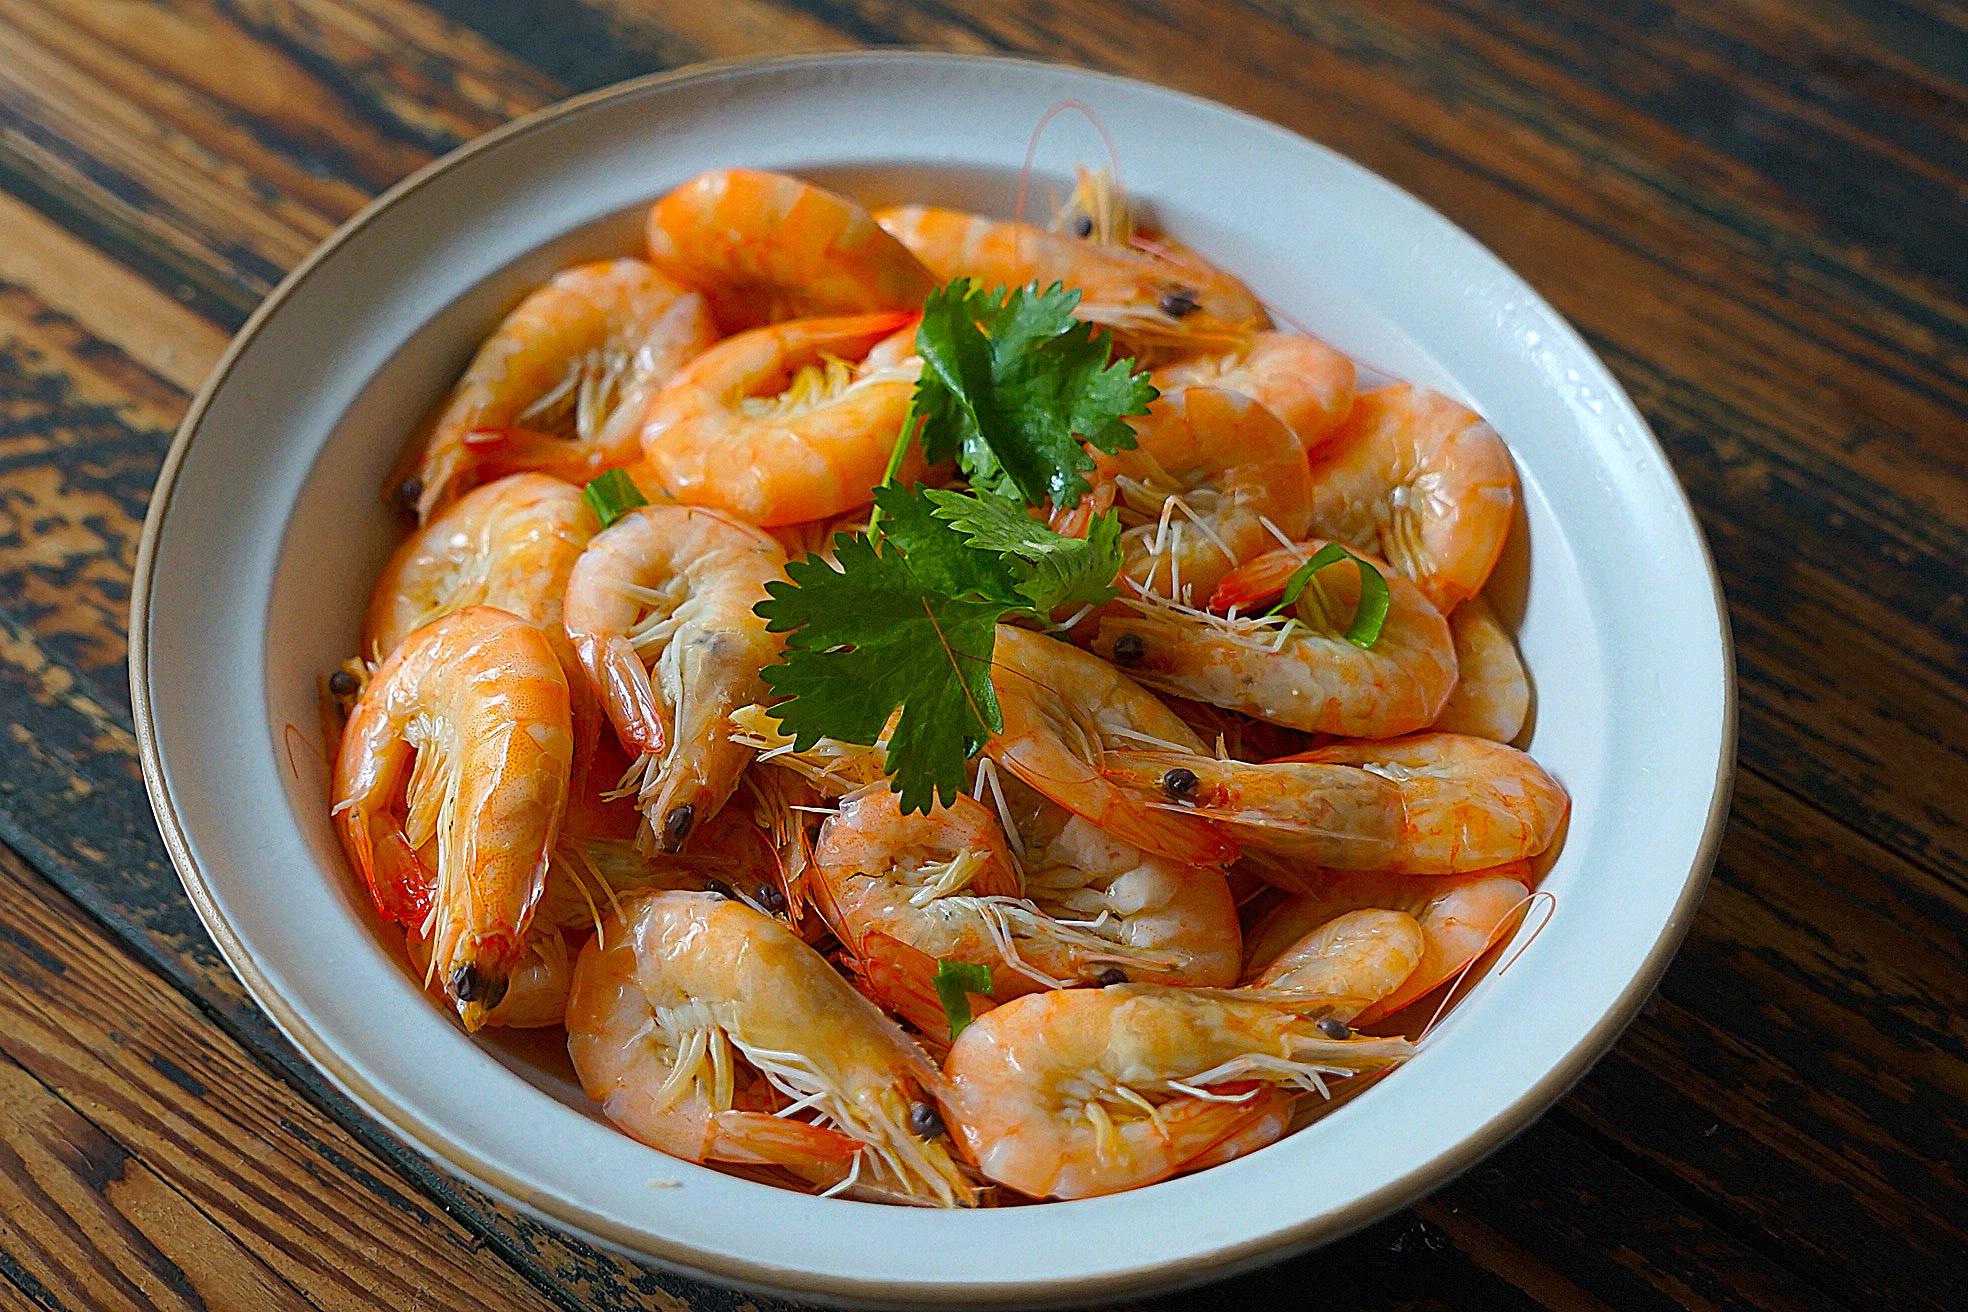 年夜饭,我家必吃的一道菜,做法简单,味道棒极了,快学做起来